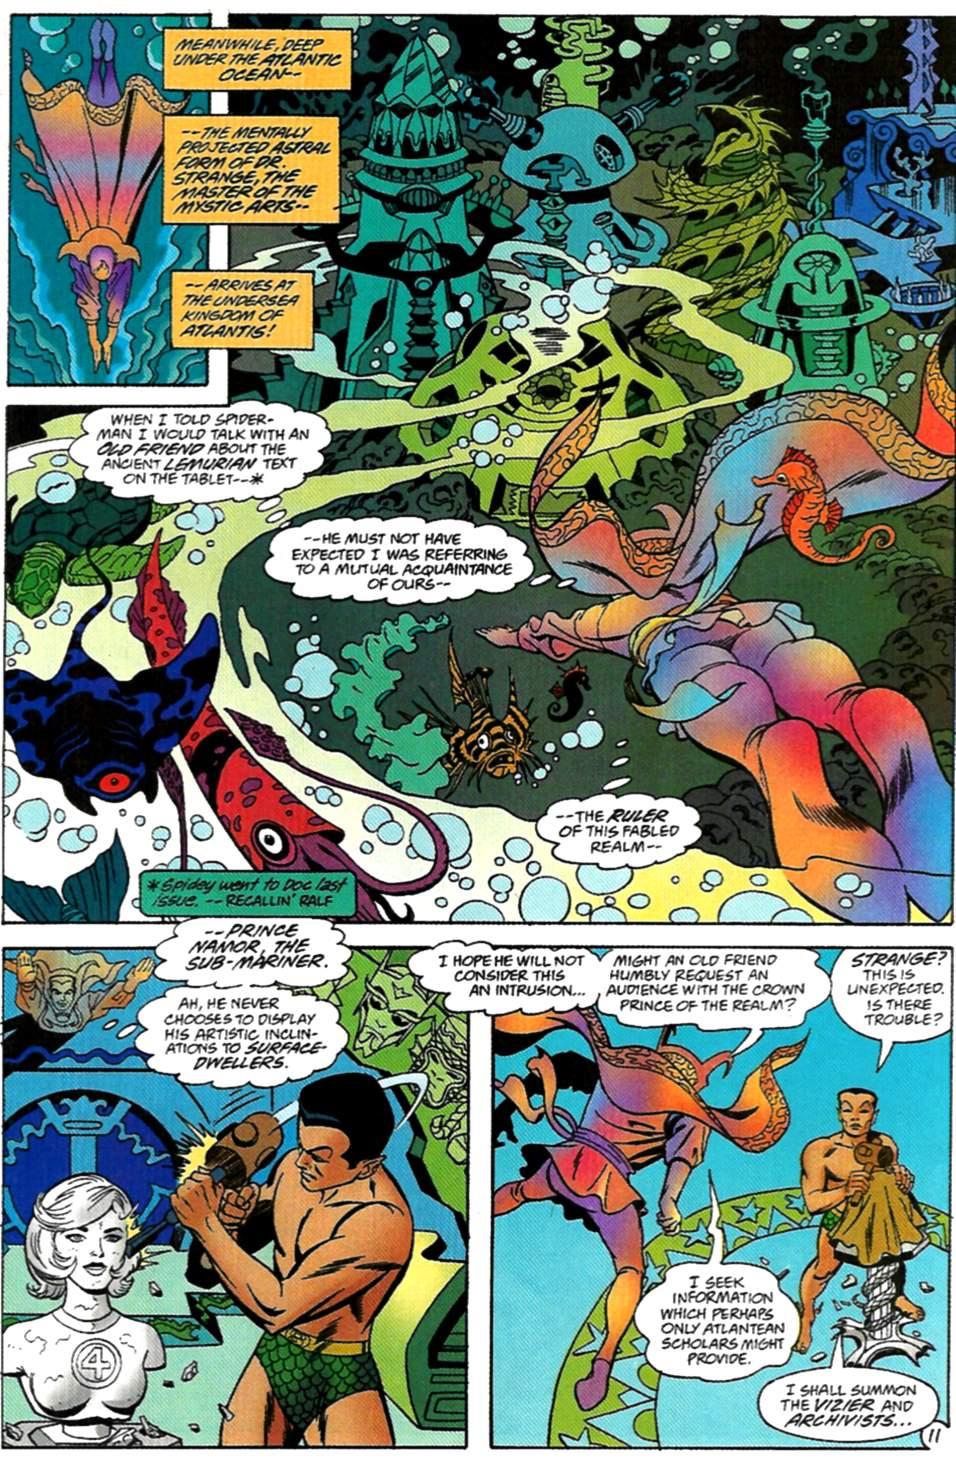 Read online Spider-Man: Lifeline comic -  Issue #2 - 12